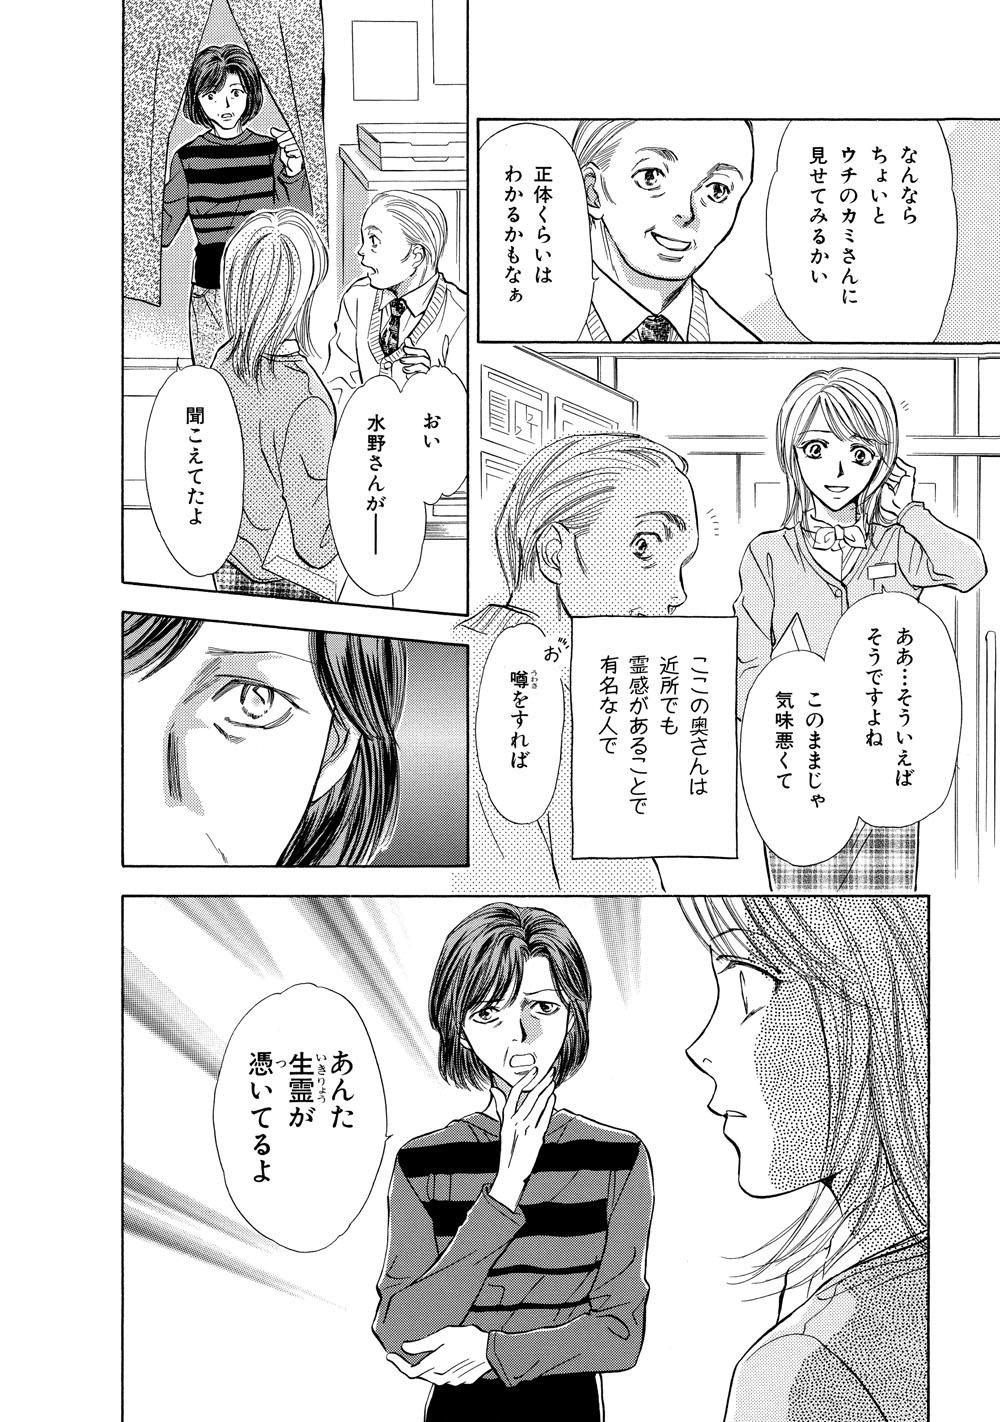 テレビ版_ほん怖_292.jpg